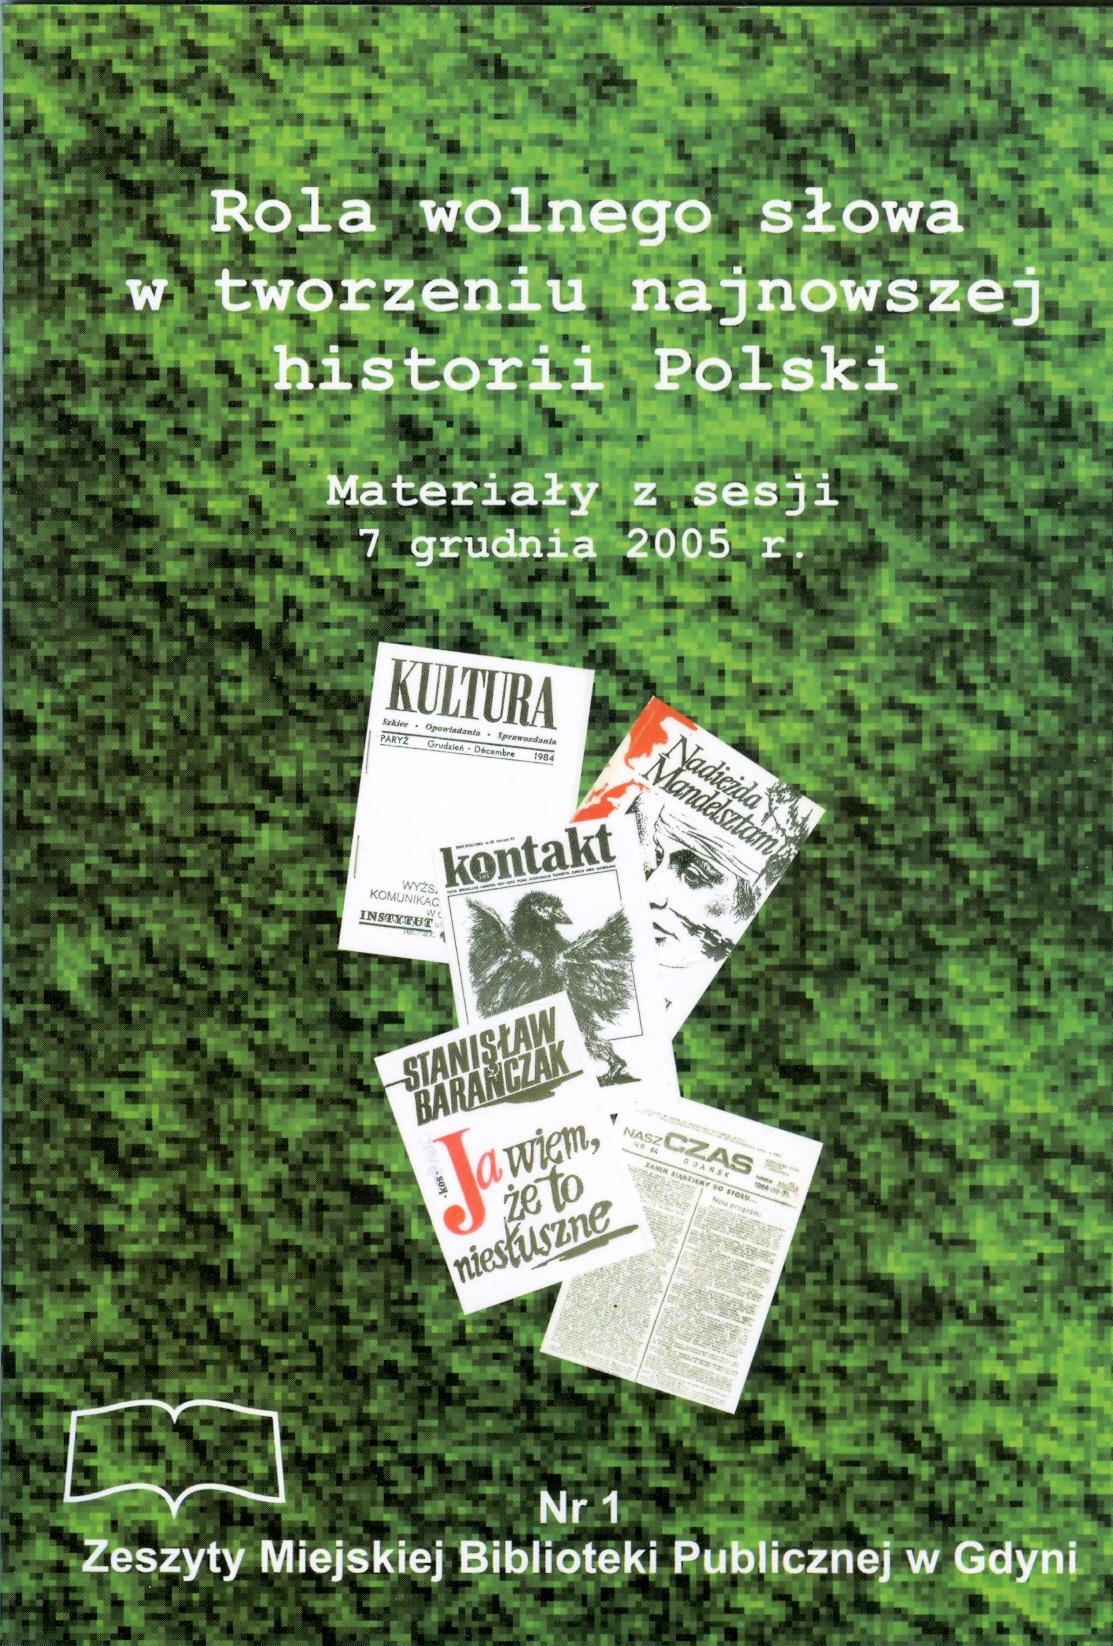 Rola wolnego słowa w tworzeniu najnowszej historii Polski